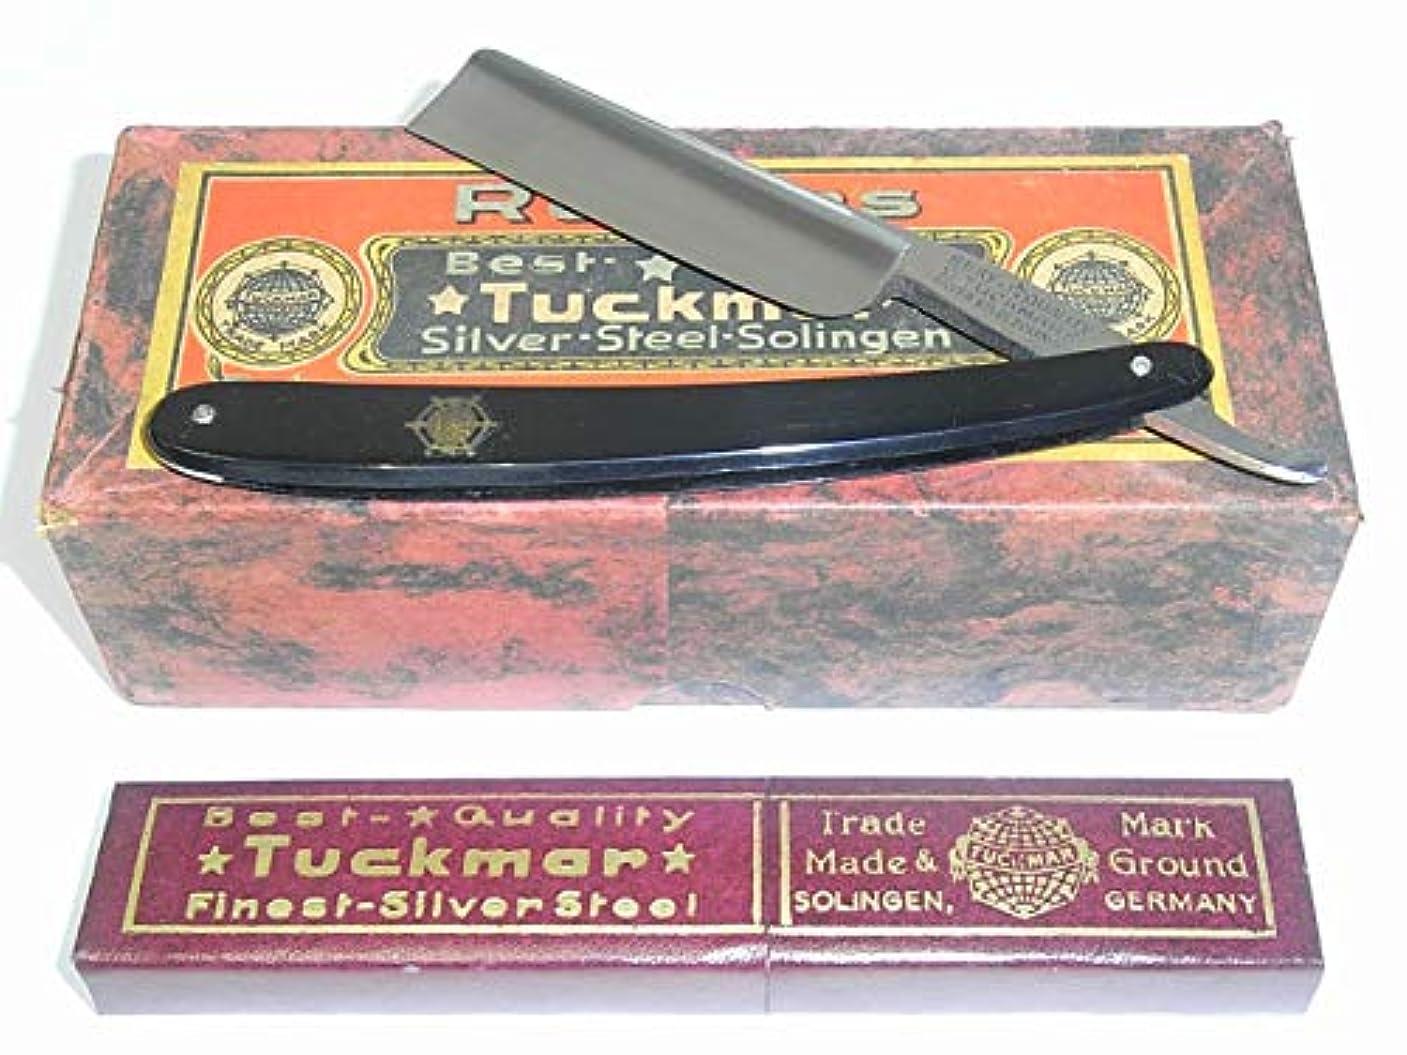 資源二統治する西洋カミソリ ゾーリンゲン TUCKMAR ドイツ製 刃渡72mm×刃幅6/8インチ 外箱付